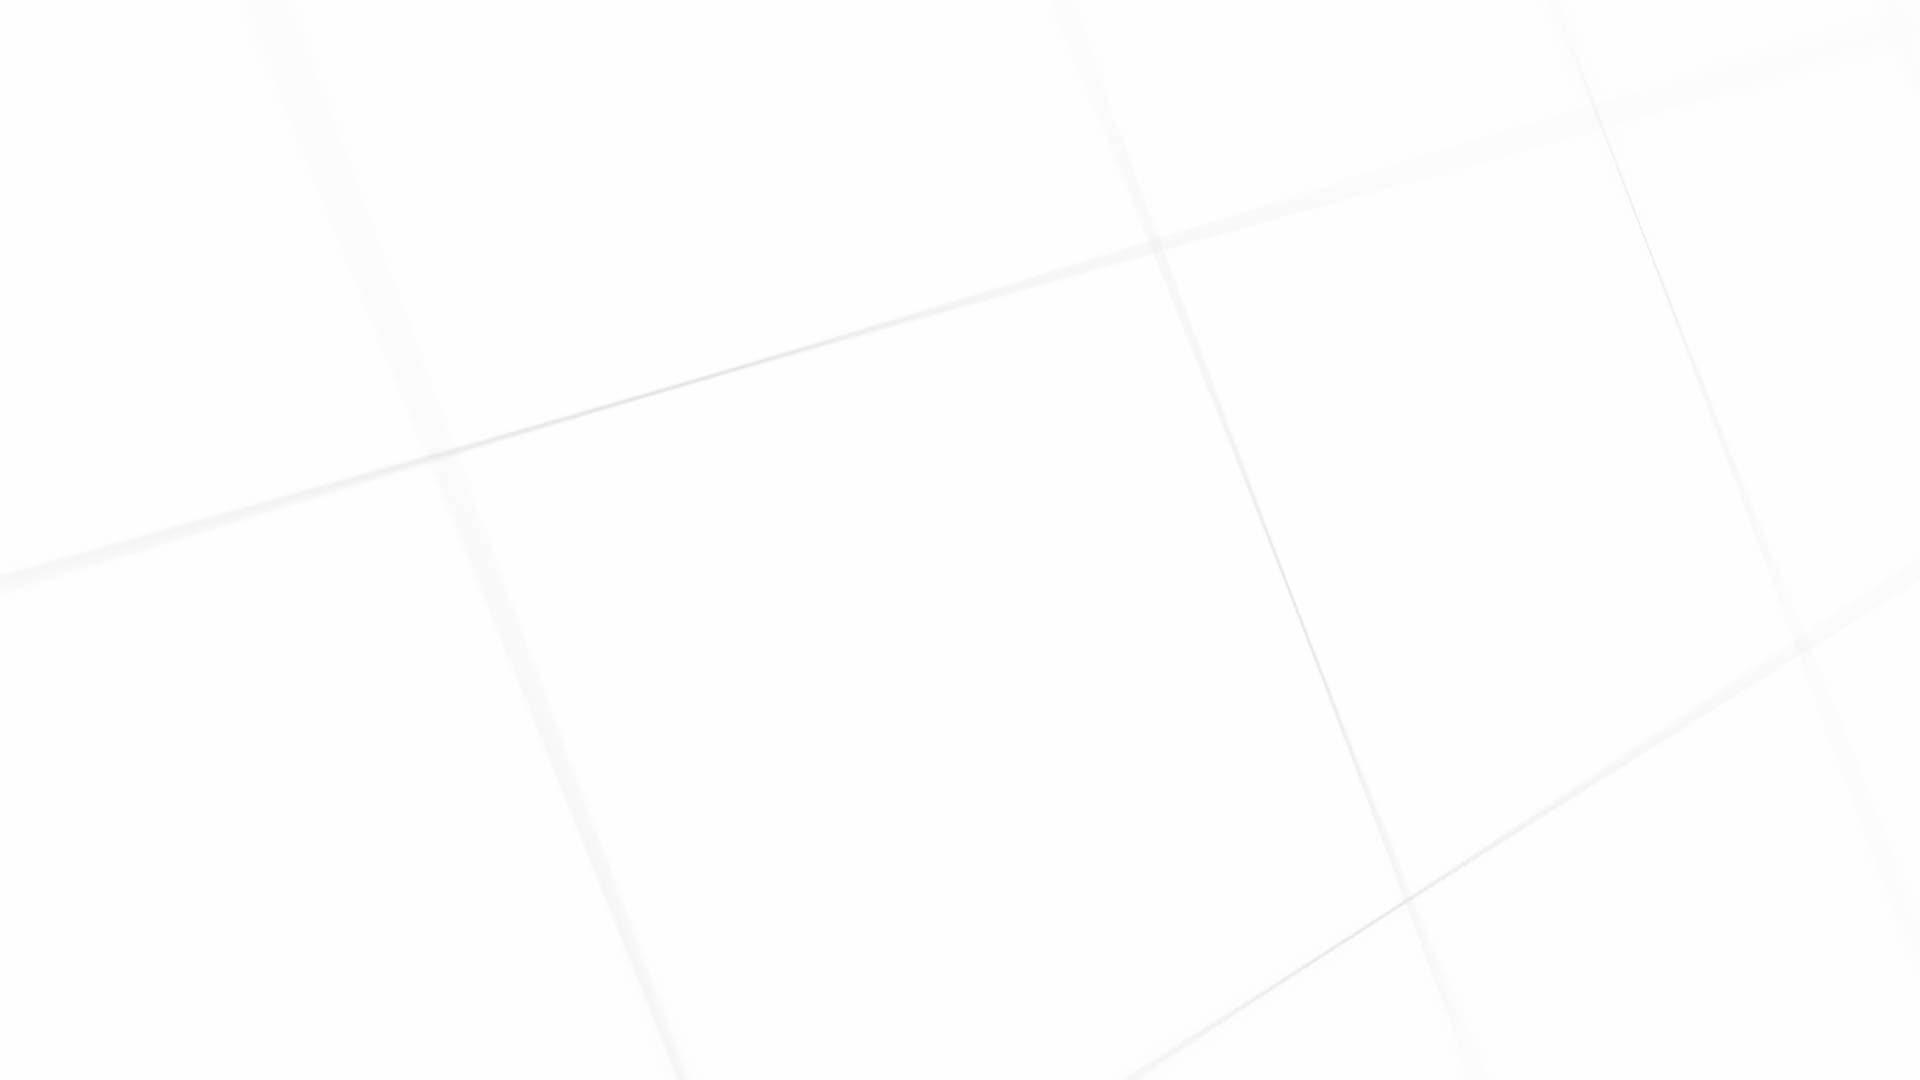 Gute Qualität Toltrazuril pulver CAS 69004-03-1 Mit besten preis